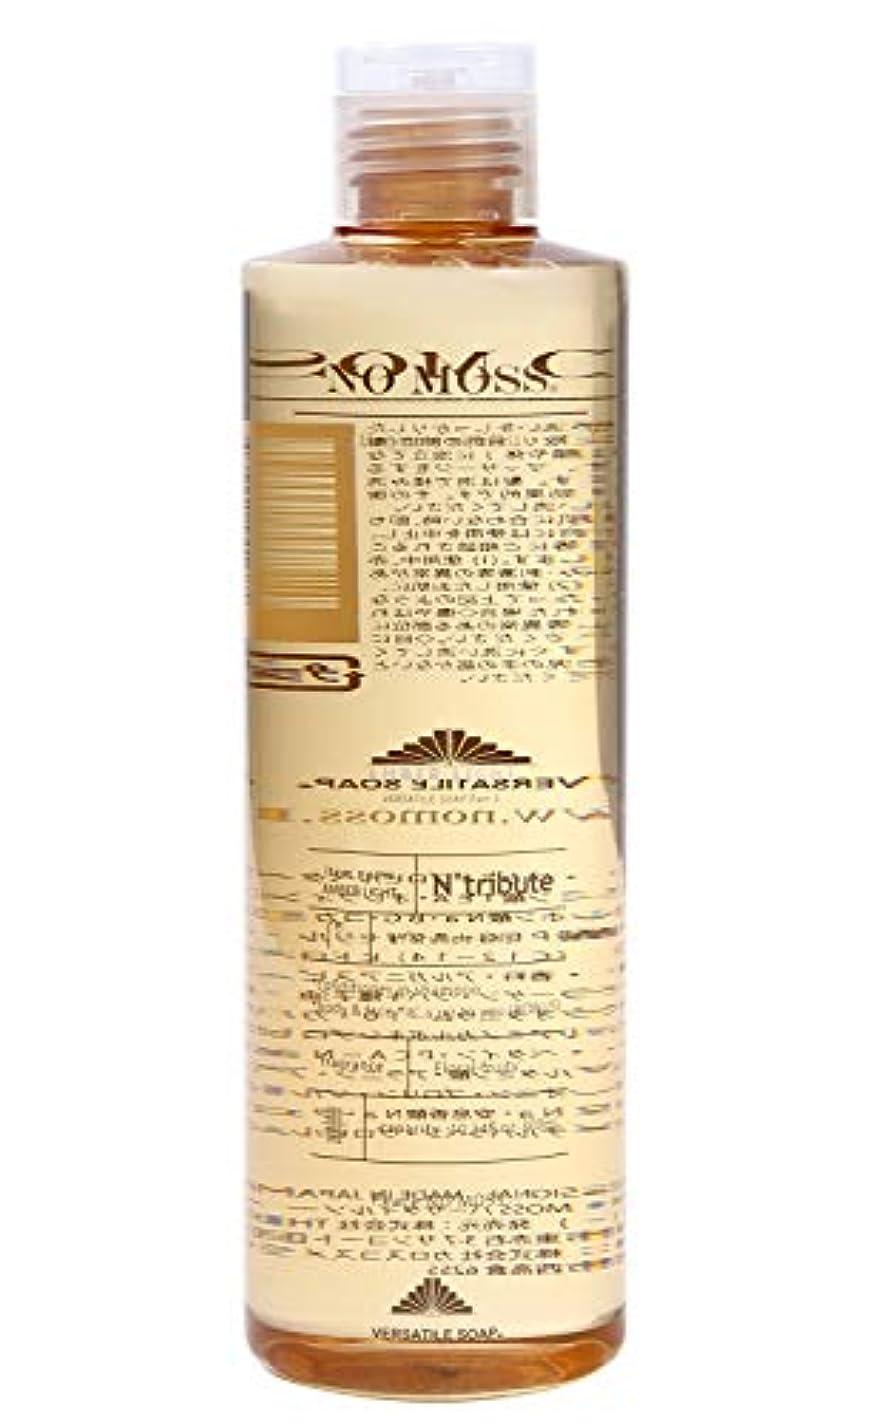 削減歌う致命的なNO MOSS VERSATILE SOAP(ノーモス バーサタイル ソープ) AMBER LIGHT 300ml